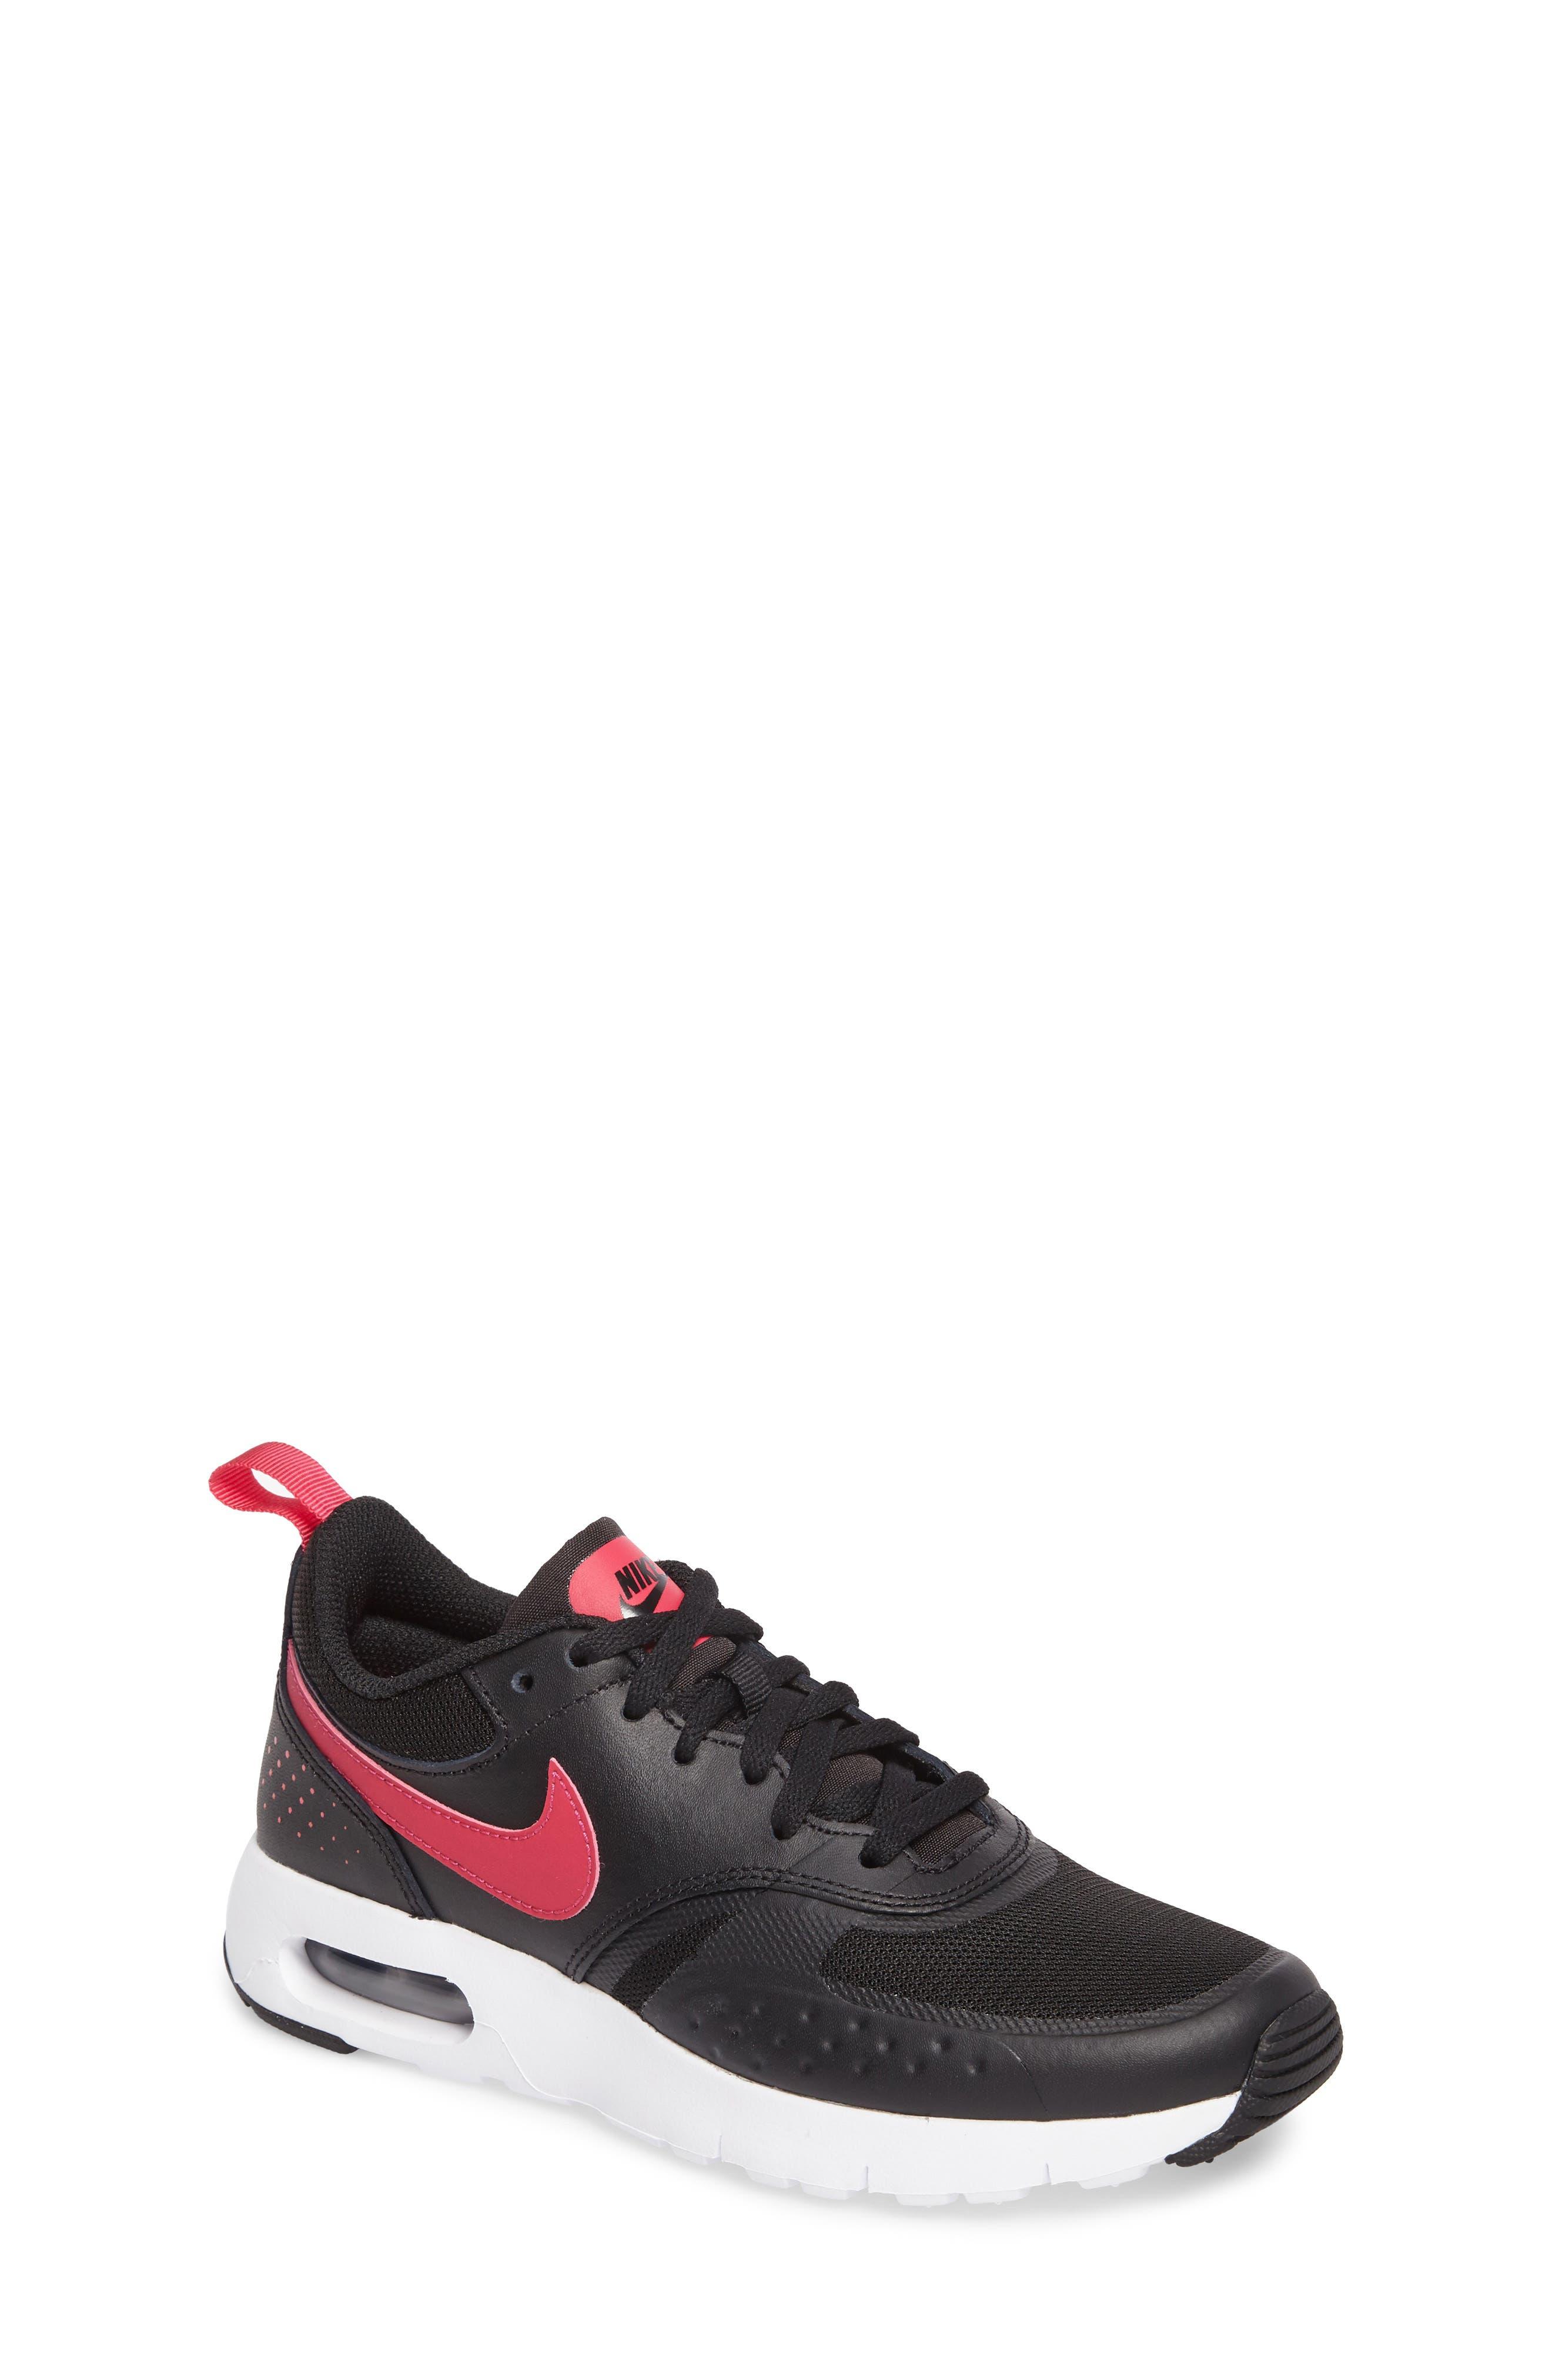 Nike Air Max Vision Sneaker (Big Kid)